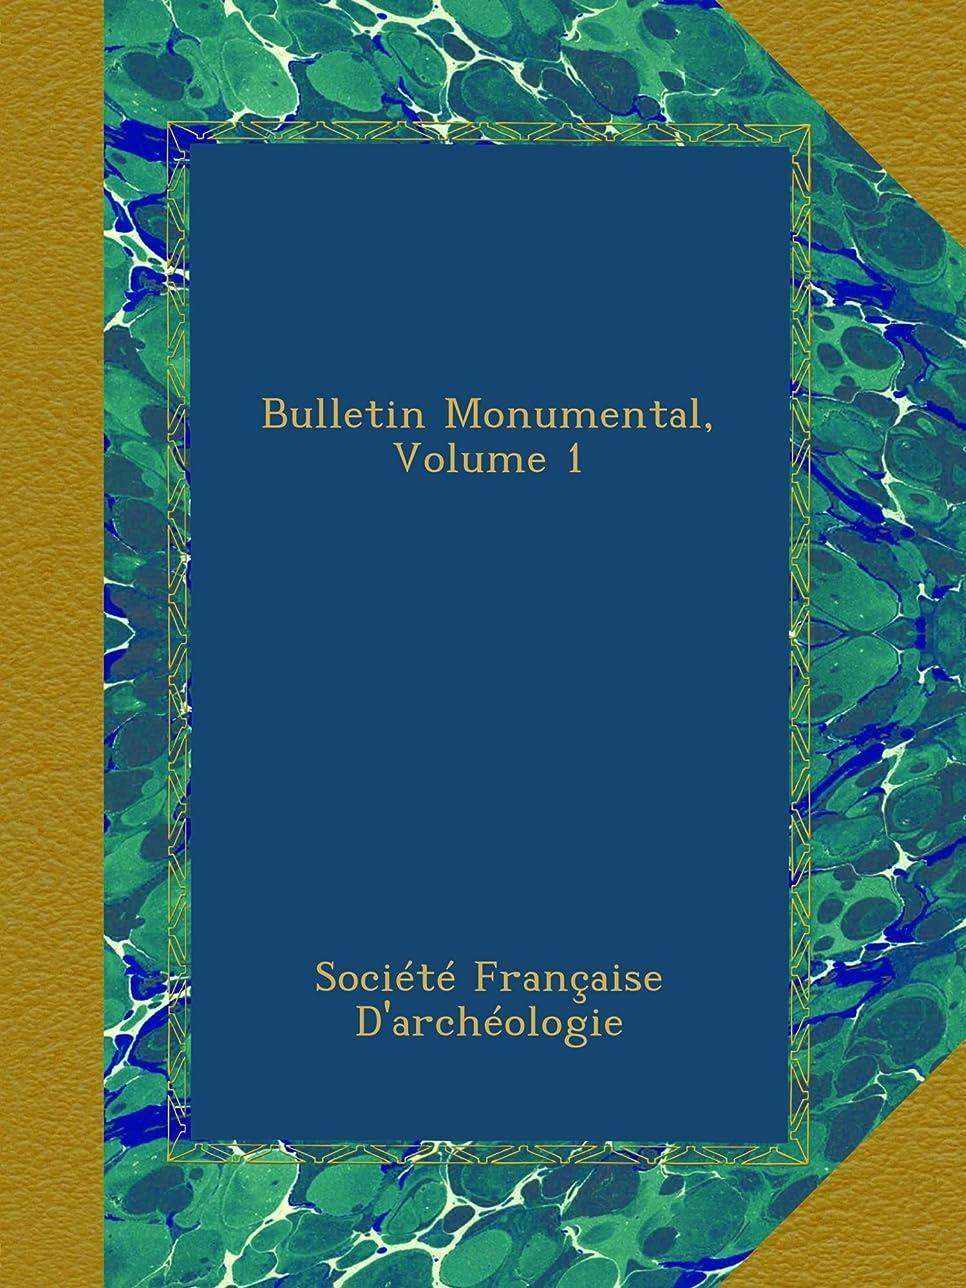 ドレイン下位先住民Bulletin Monumental, Volume 1